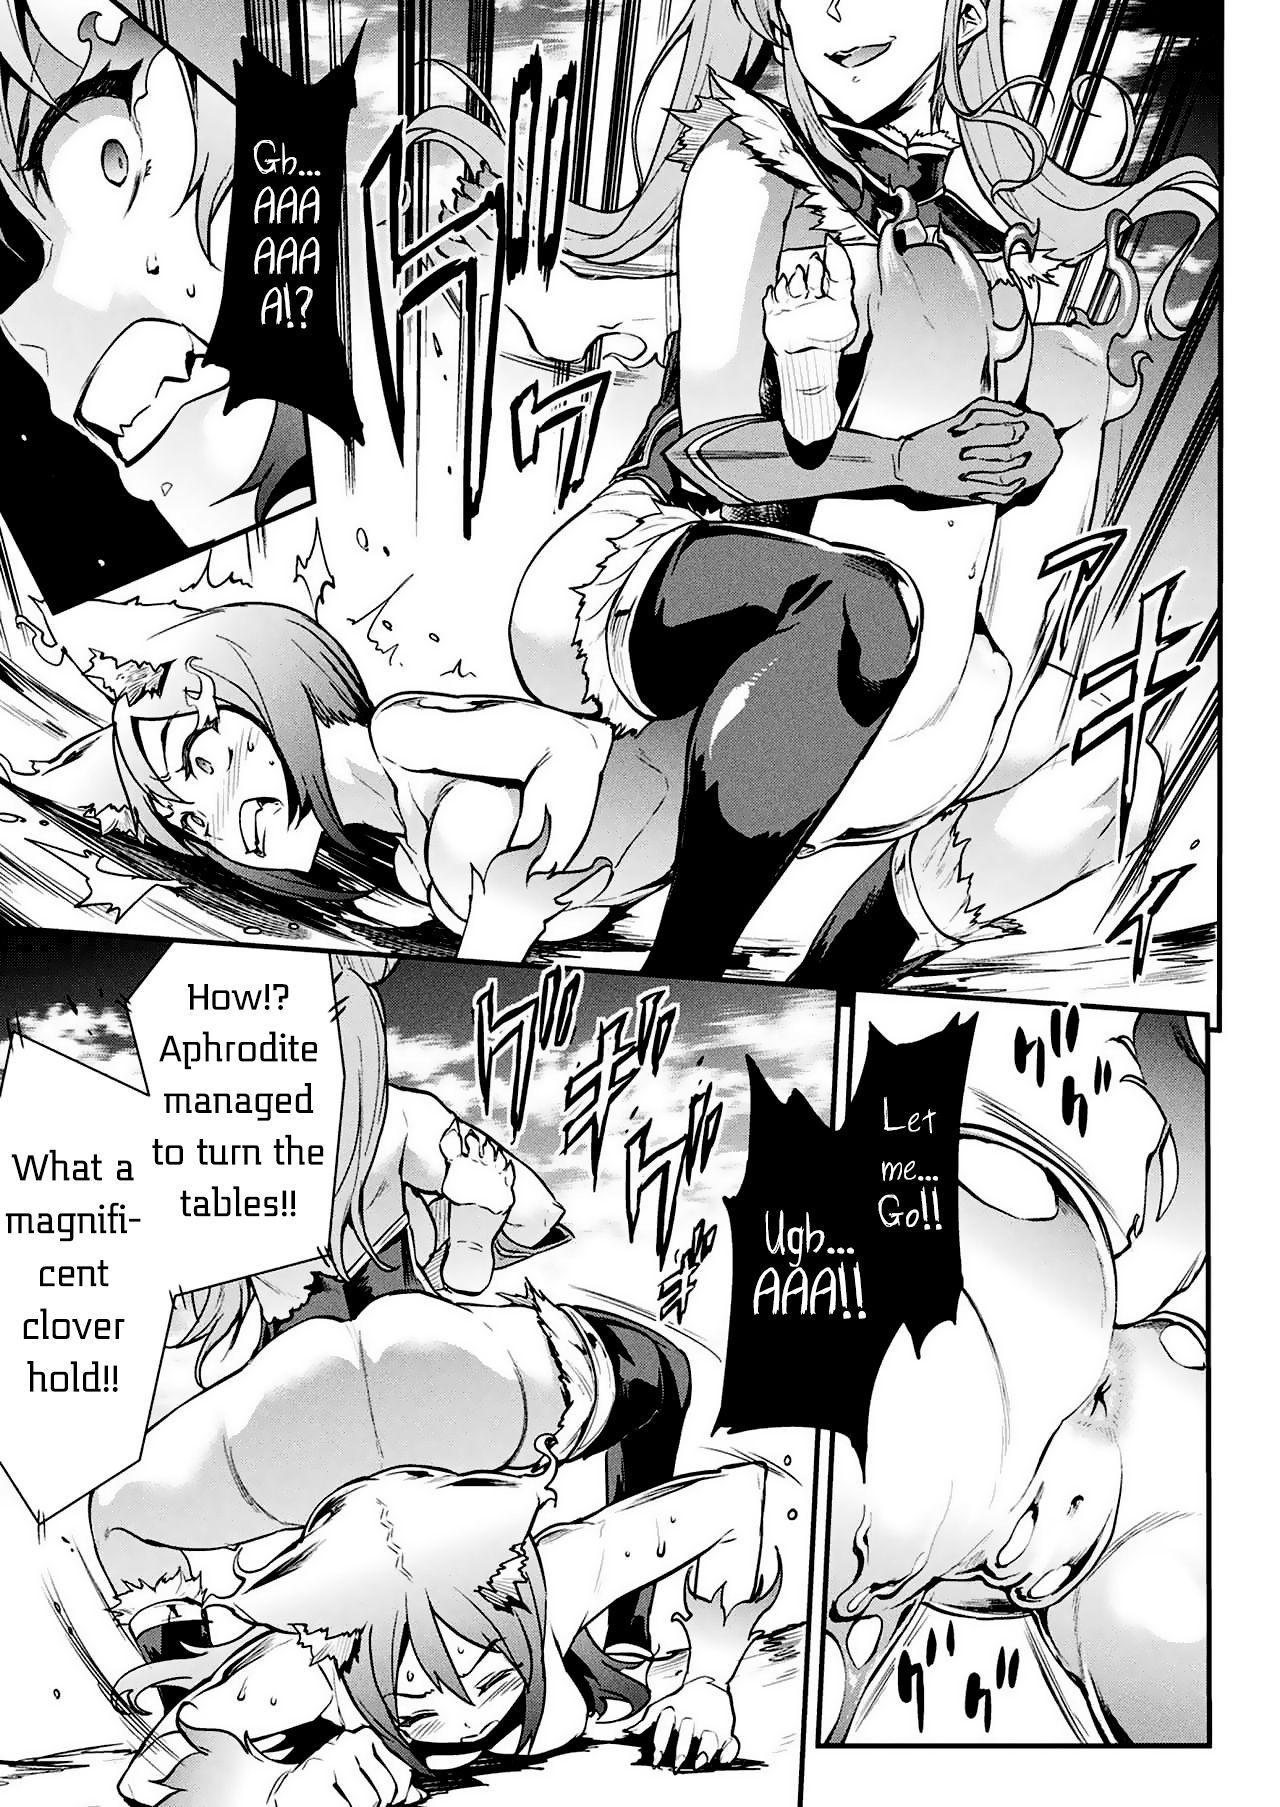 [Erect Sawaru] Raikou Shinki Igis Magia -PANDRA saga 3rd ignition- Ch. 8-10 [English] [Digital] 49